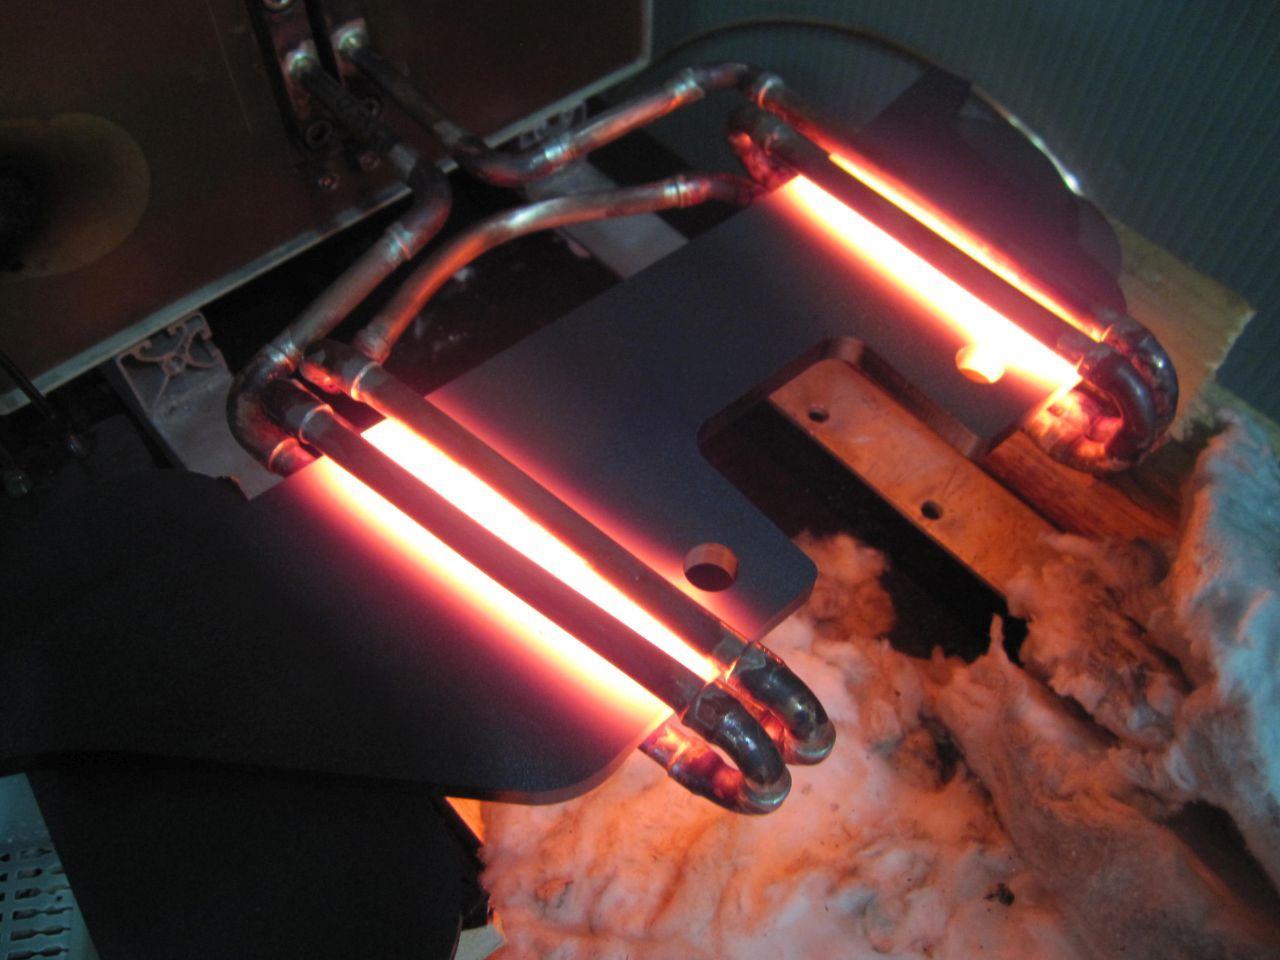 Indukcijsko taljenje kovin, induktivno površinsko kaljenje kovin inel 015